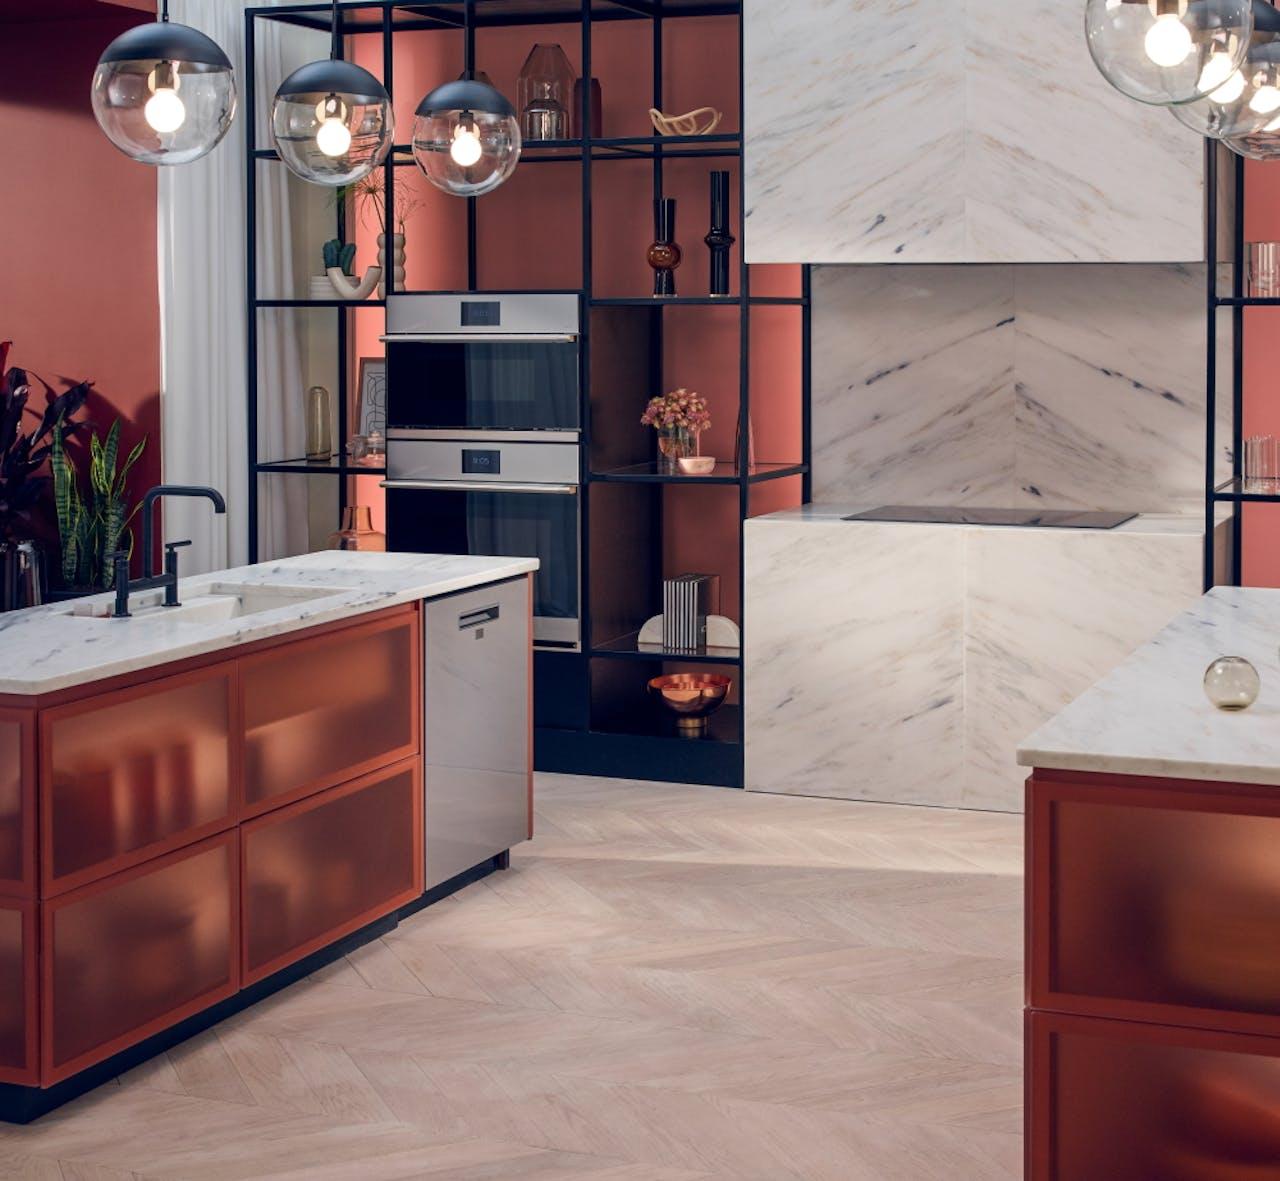 Modern glass appliances in kitchen